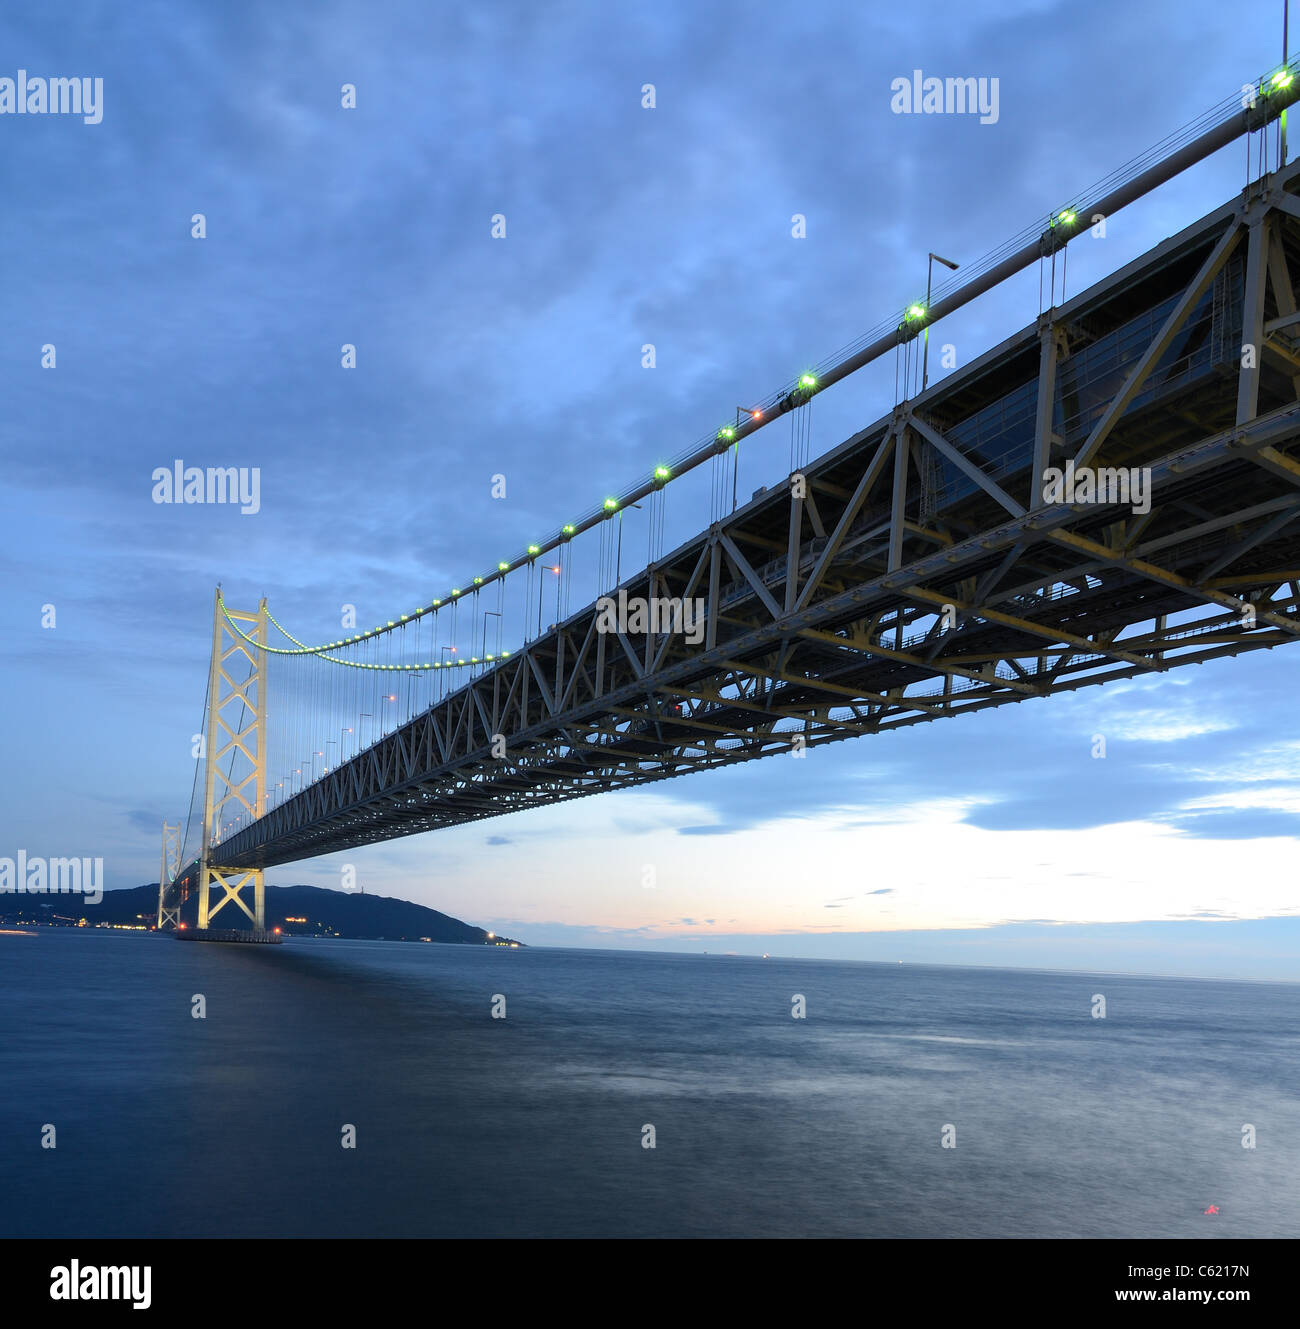 Akashi Kaikyo Bridge s'étend sur la Mer Intérieure de Seto avec la plus longue travée centrale d'un pont suspendu du monde. Banque D'Images